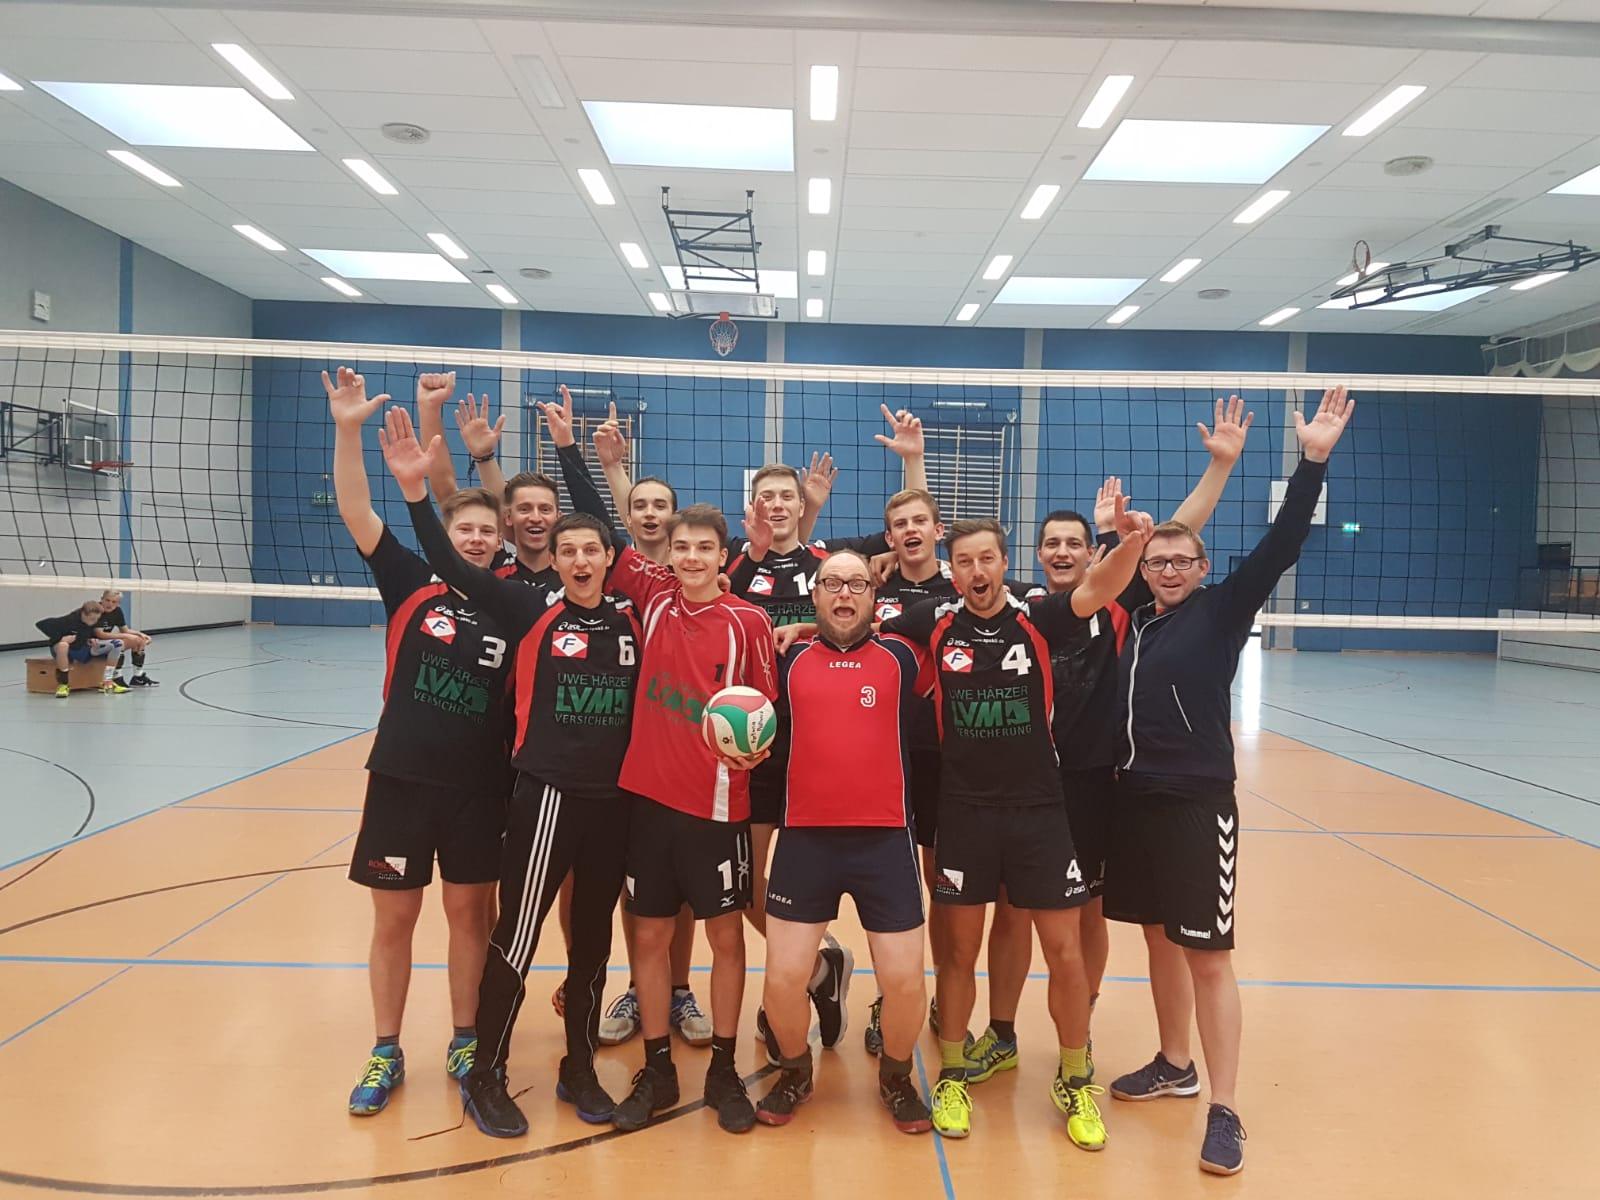 Bezirksliga Ost - Pöẞnecker Volleyballer weiterhin ungeschlagen